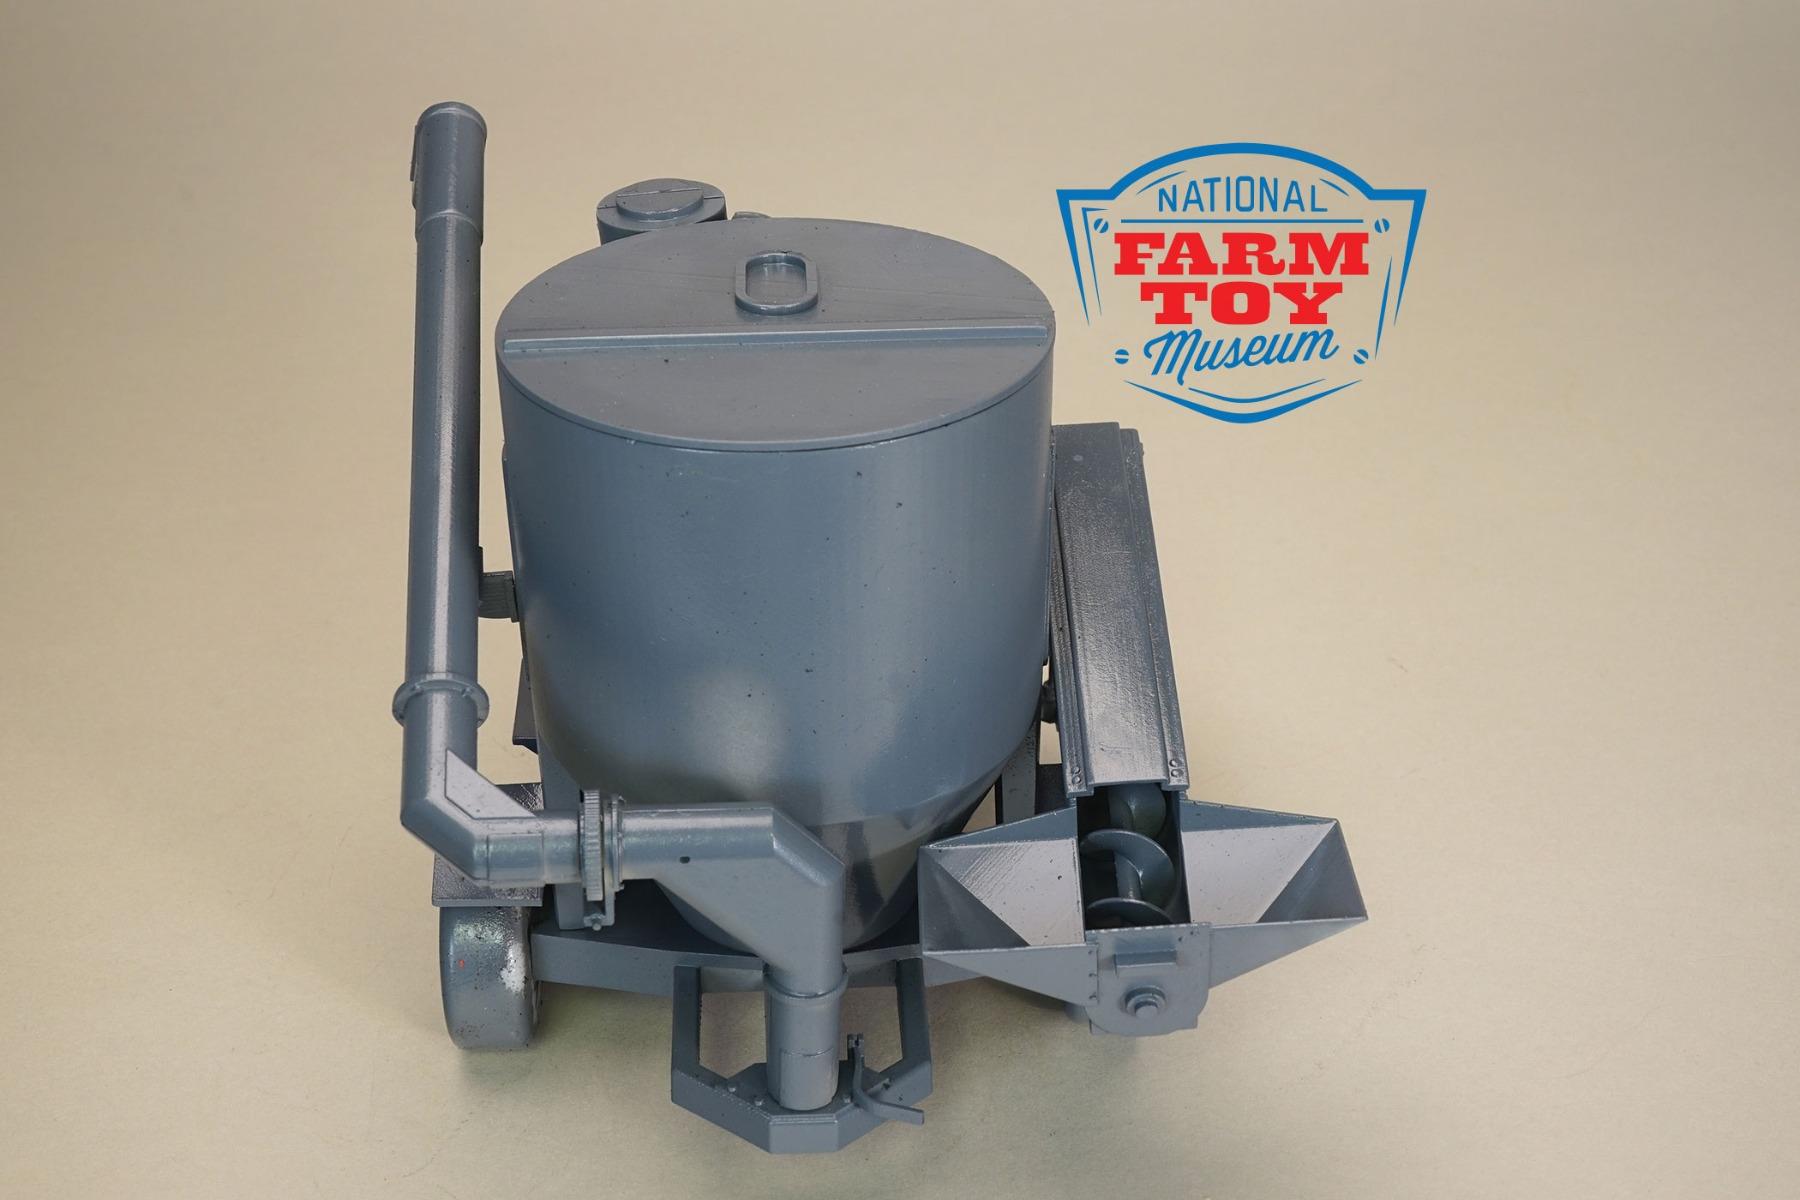 CUST-1974-Arts-Way-325-grinder-mixer 3